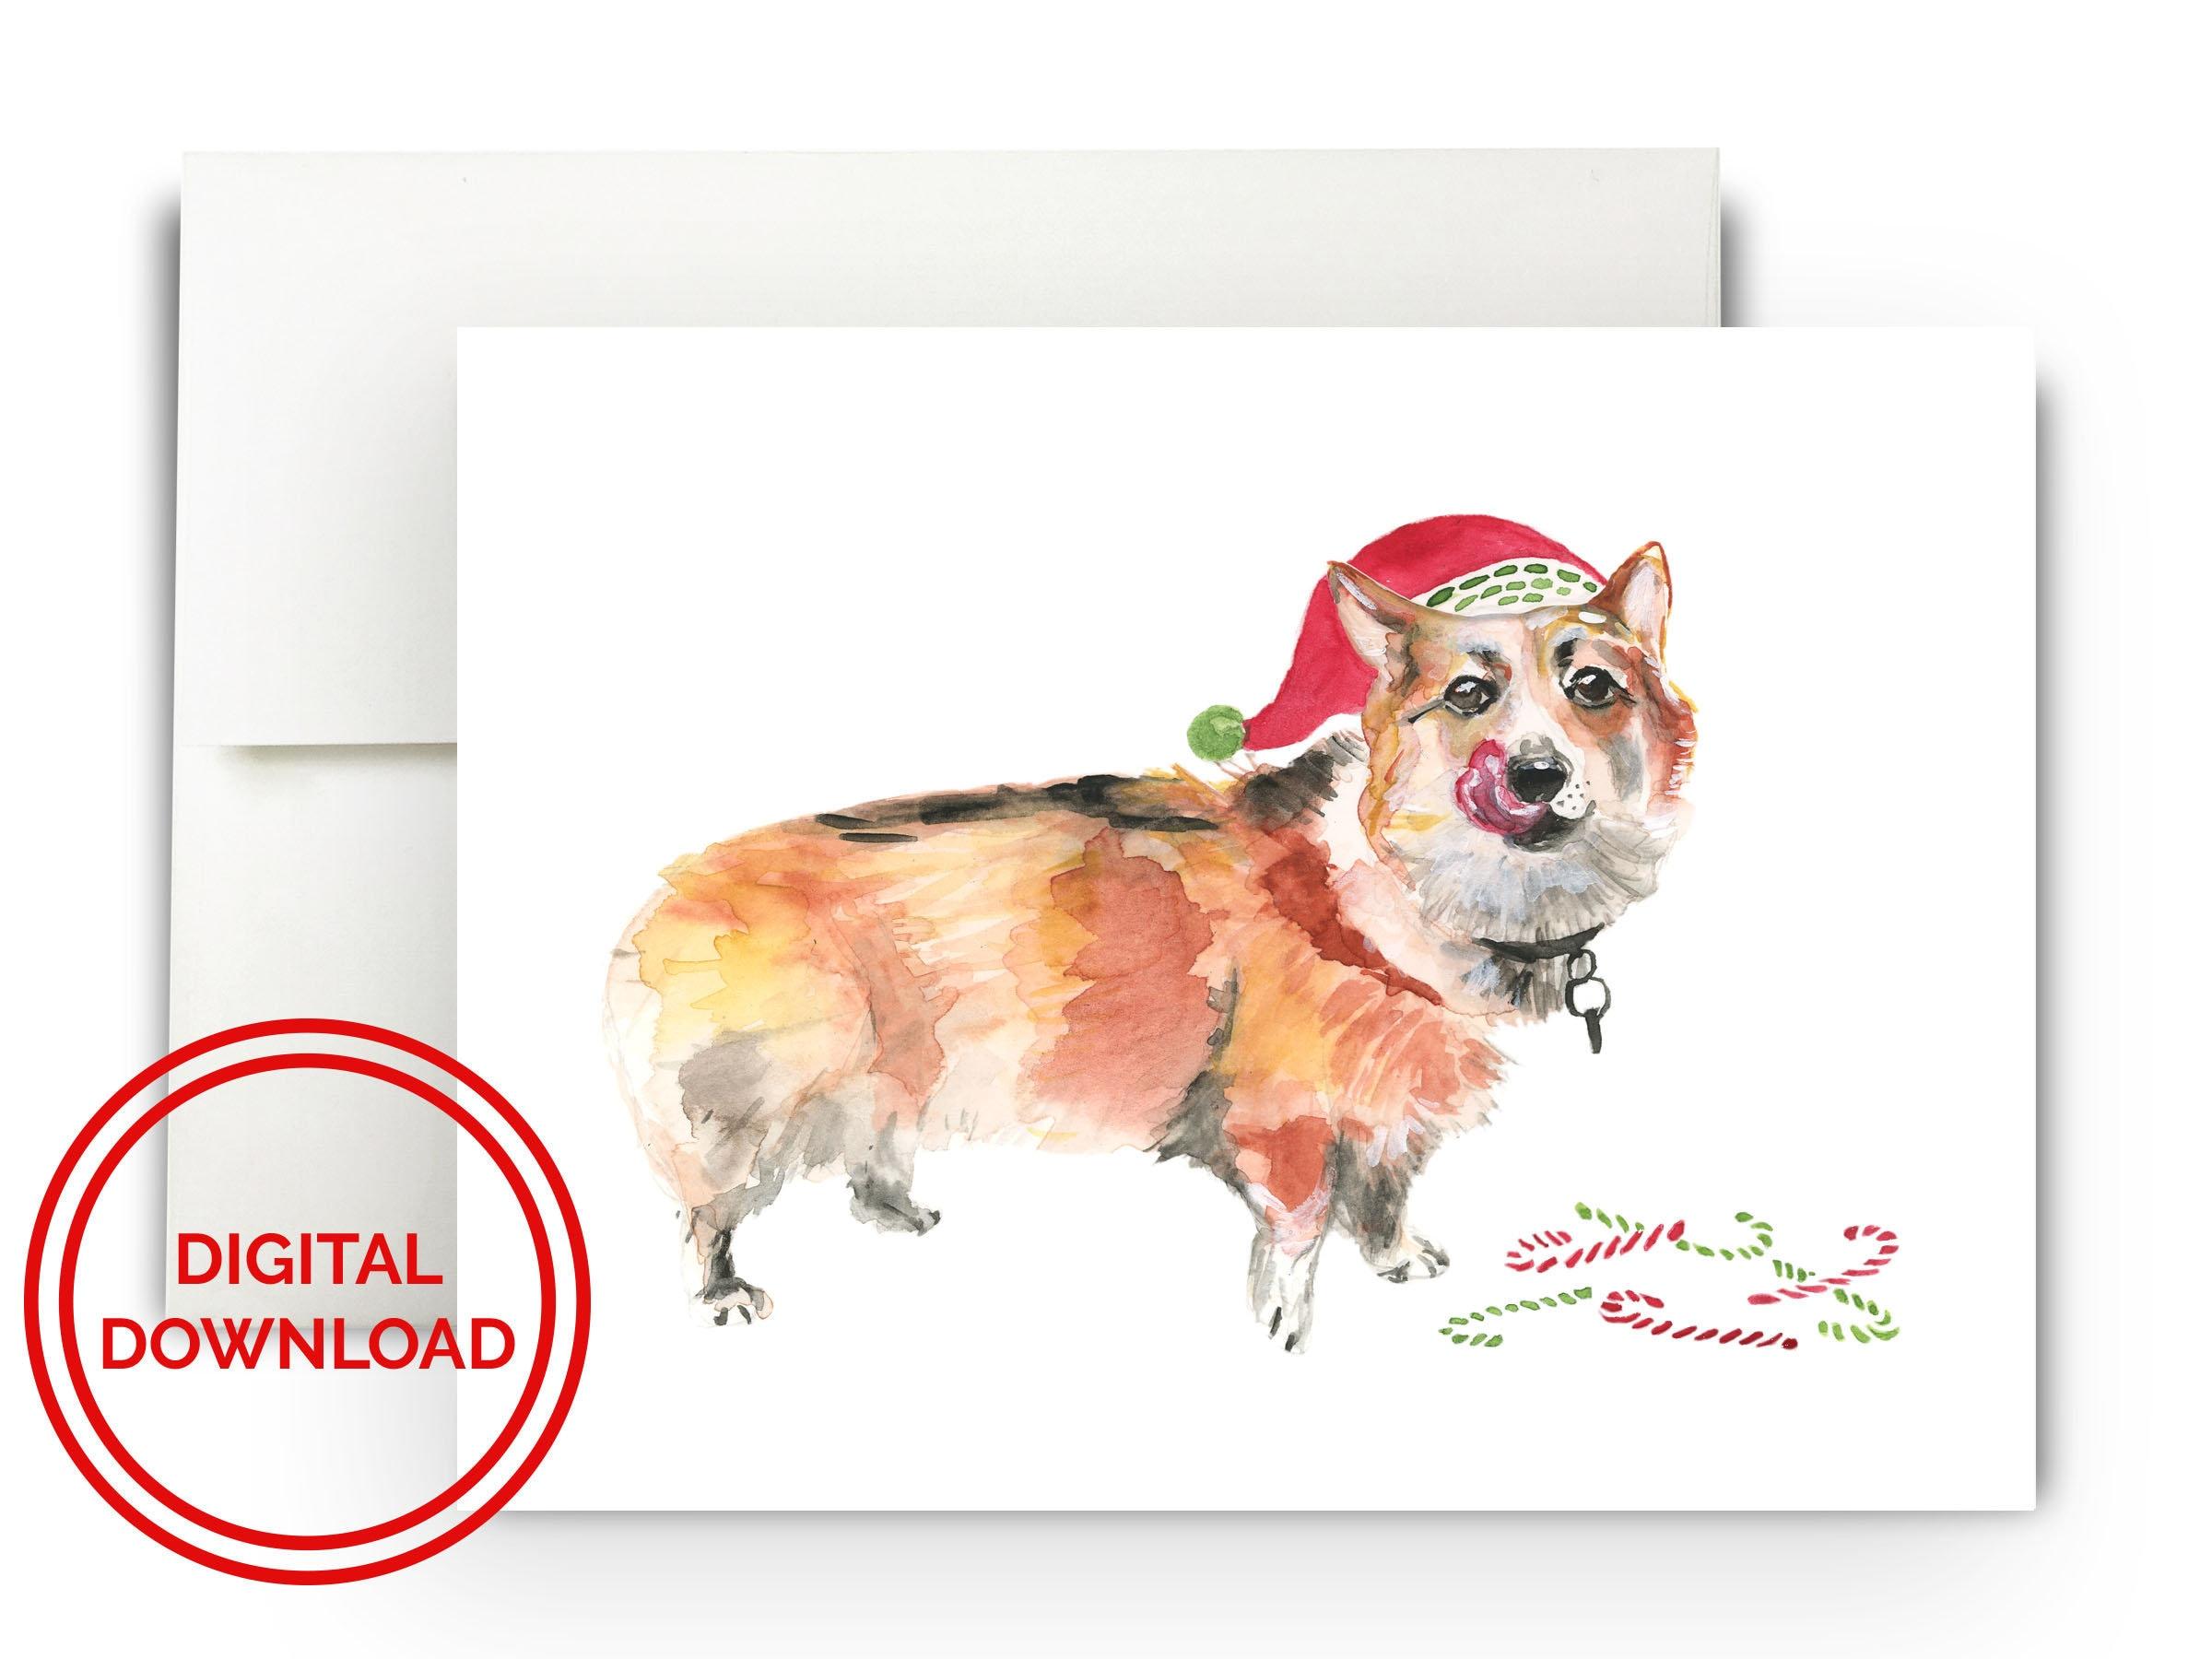 Corgi Christmas Card Digital Download Watercolor Holiday | Etsy